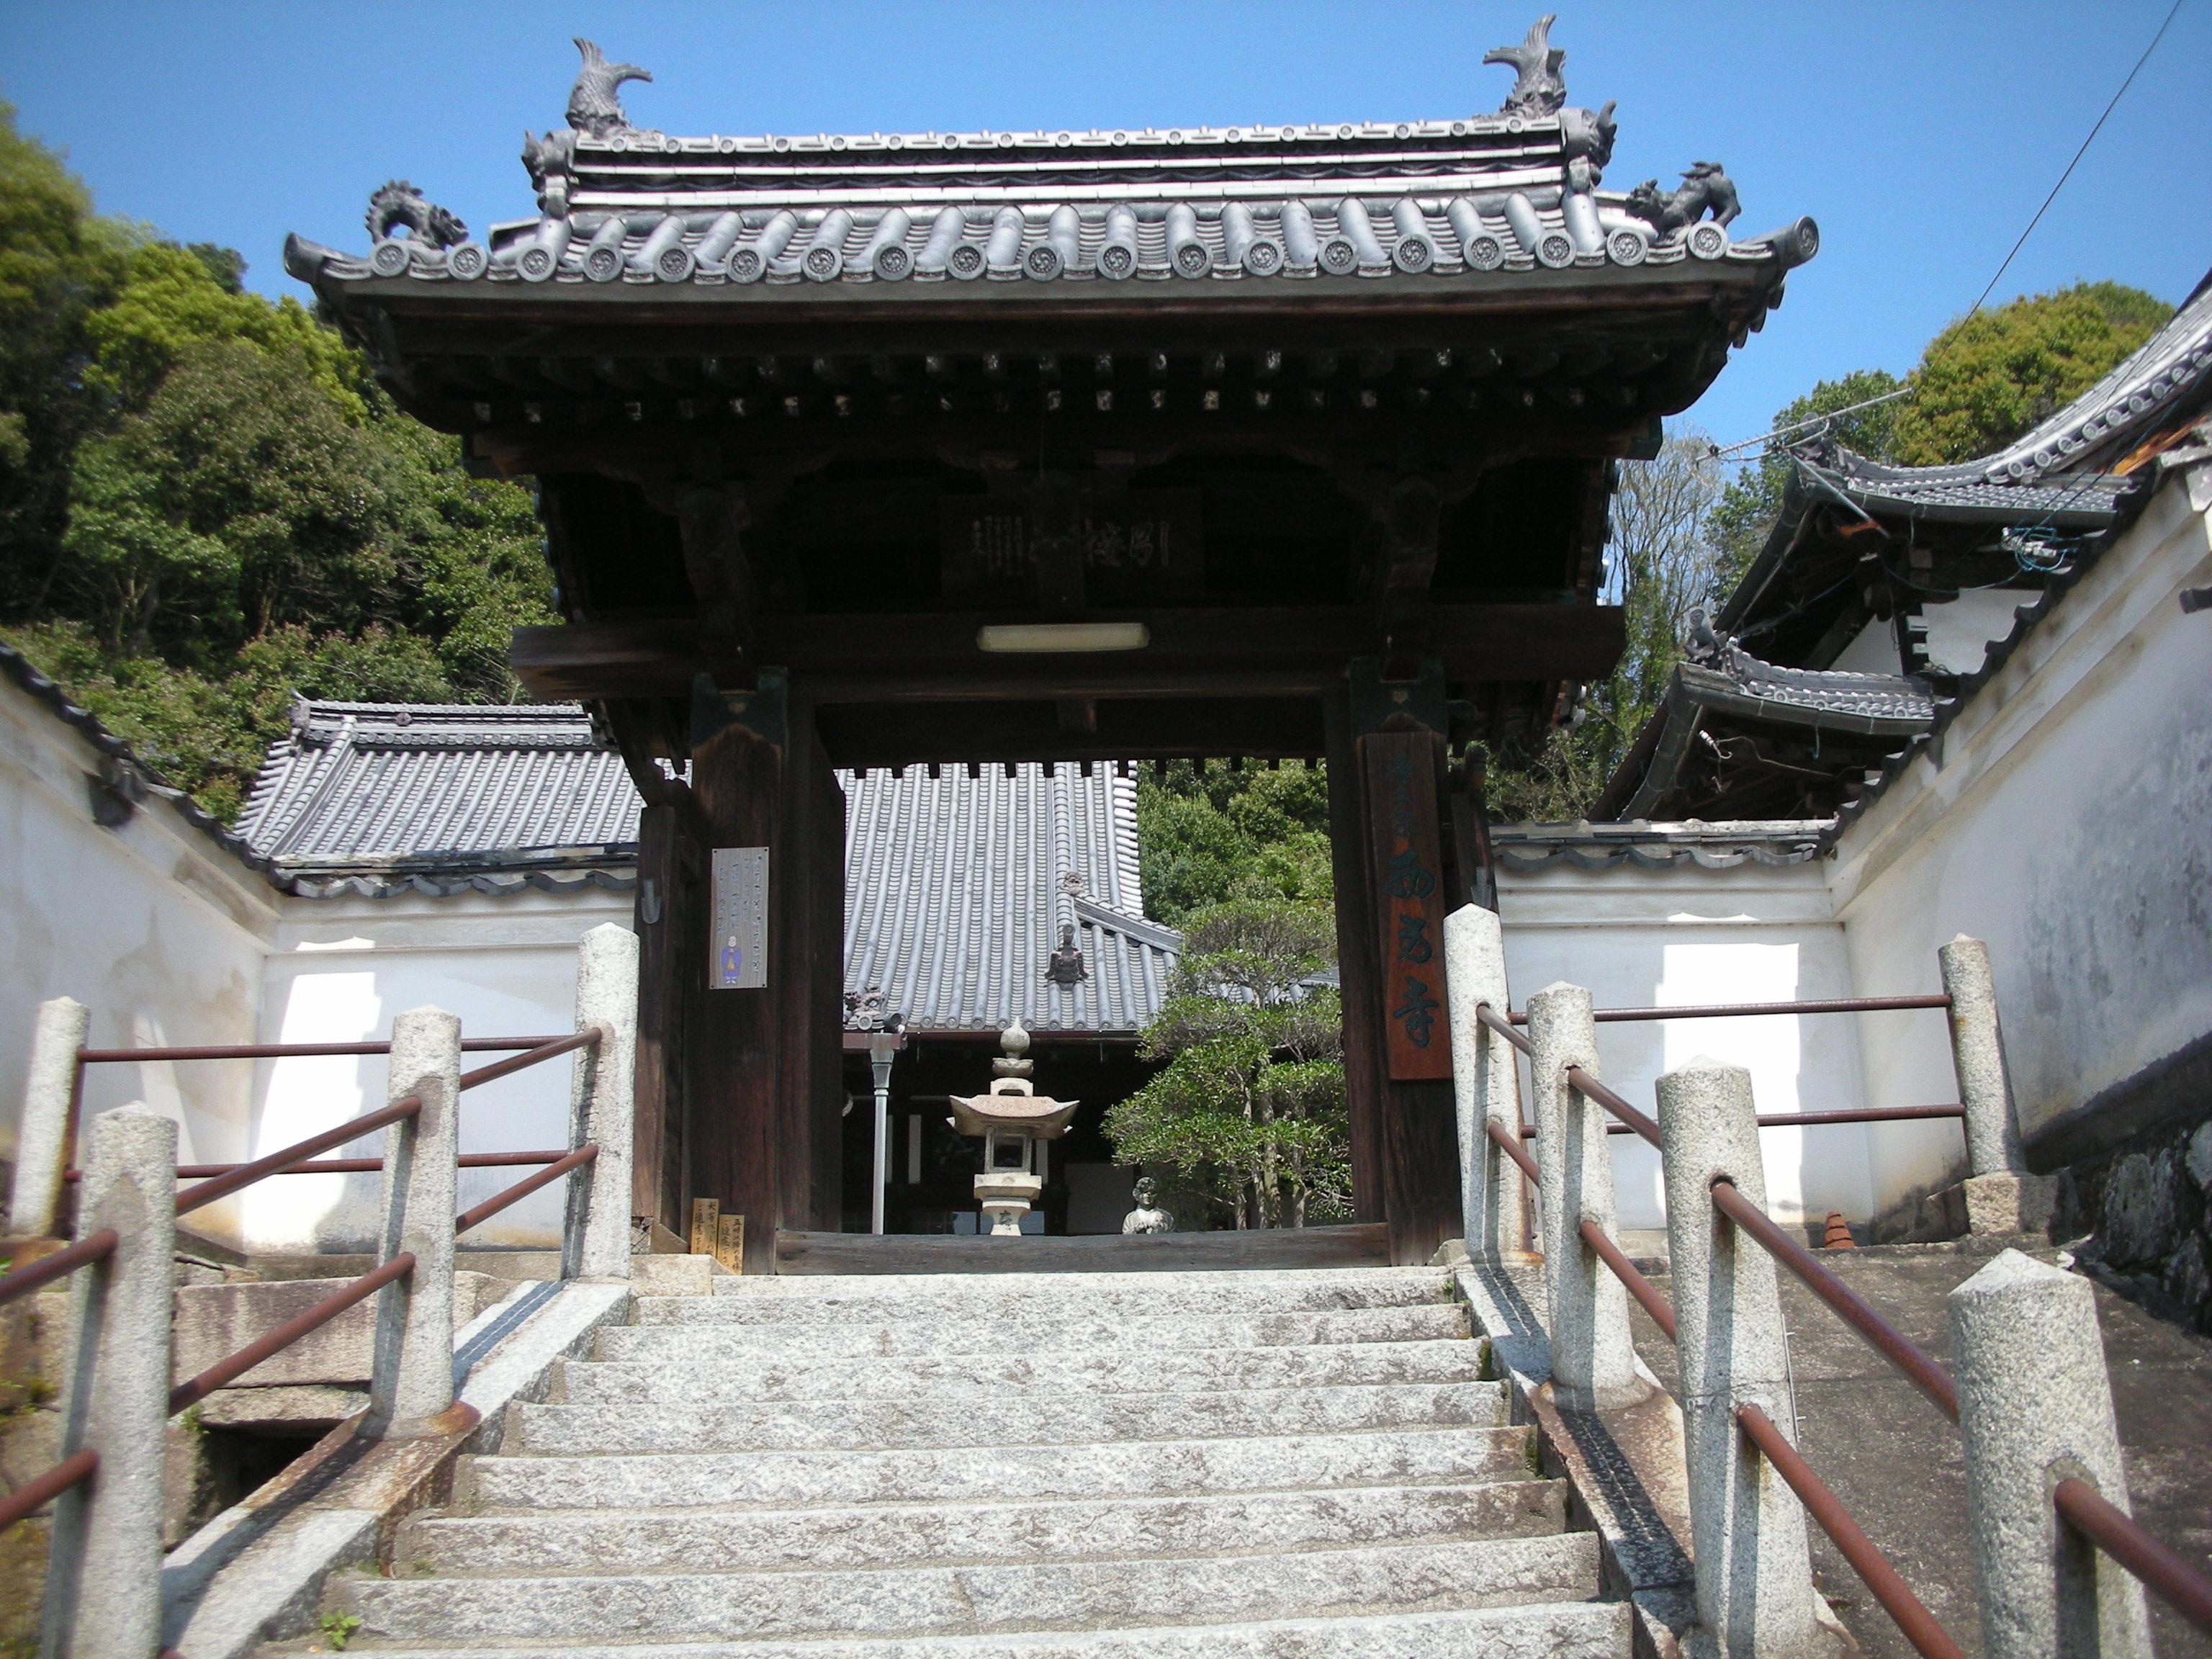 振り返ってはいけない西方寺さんの山門